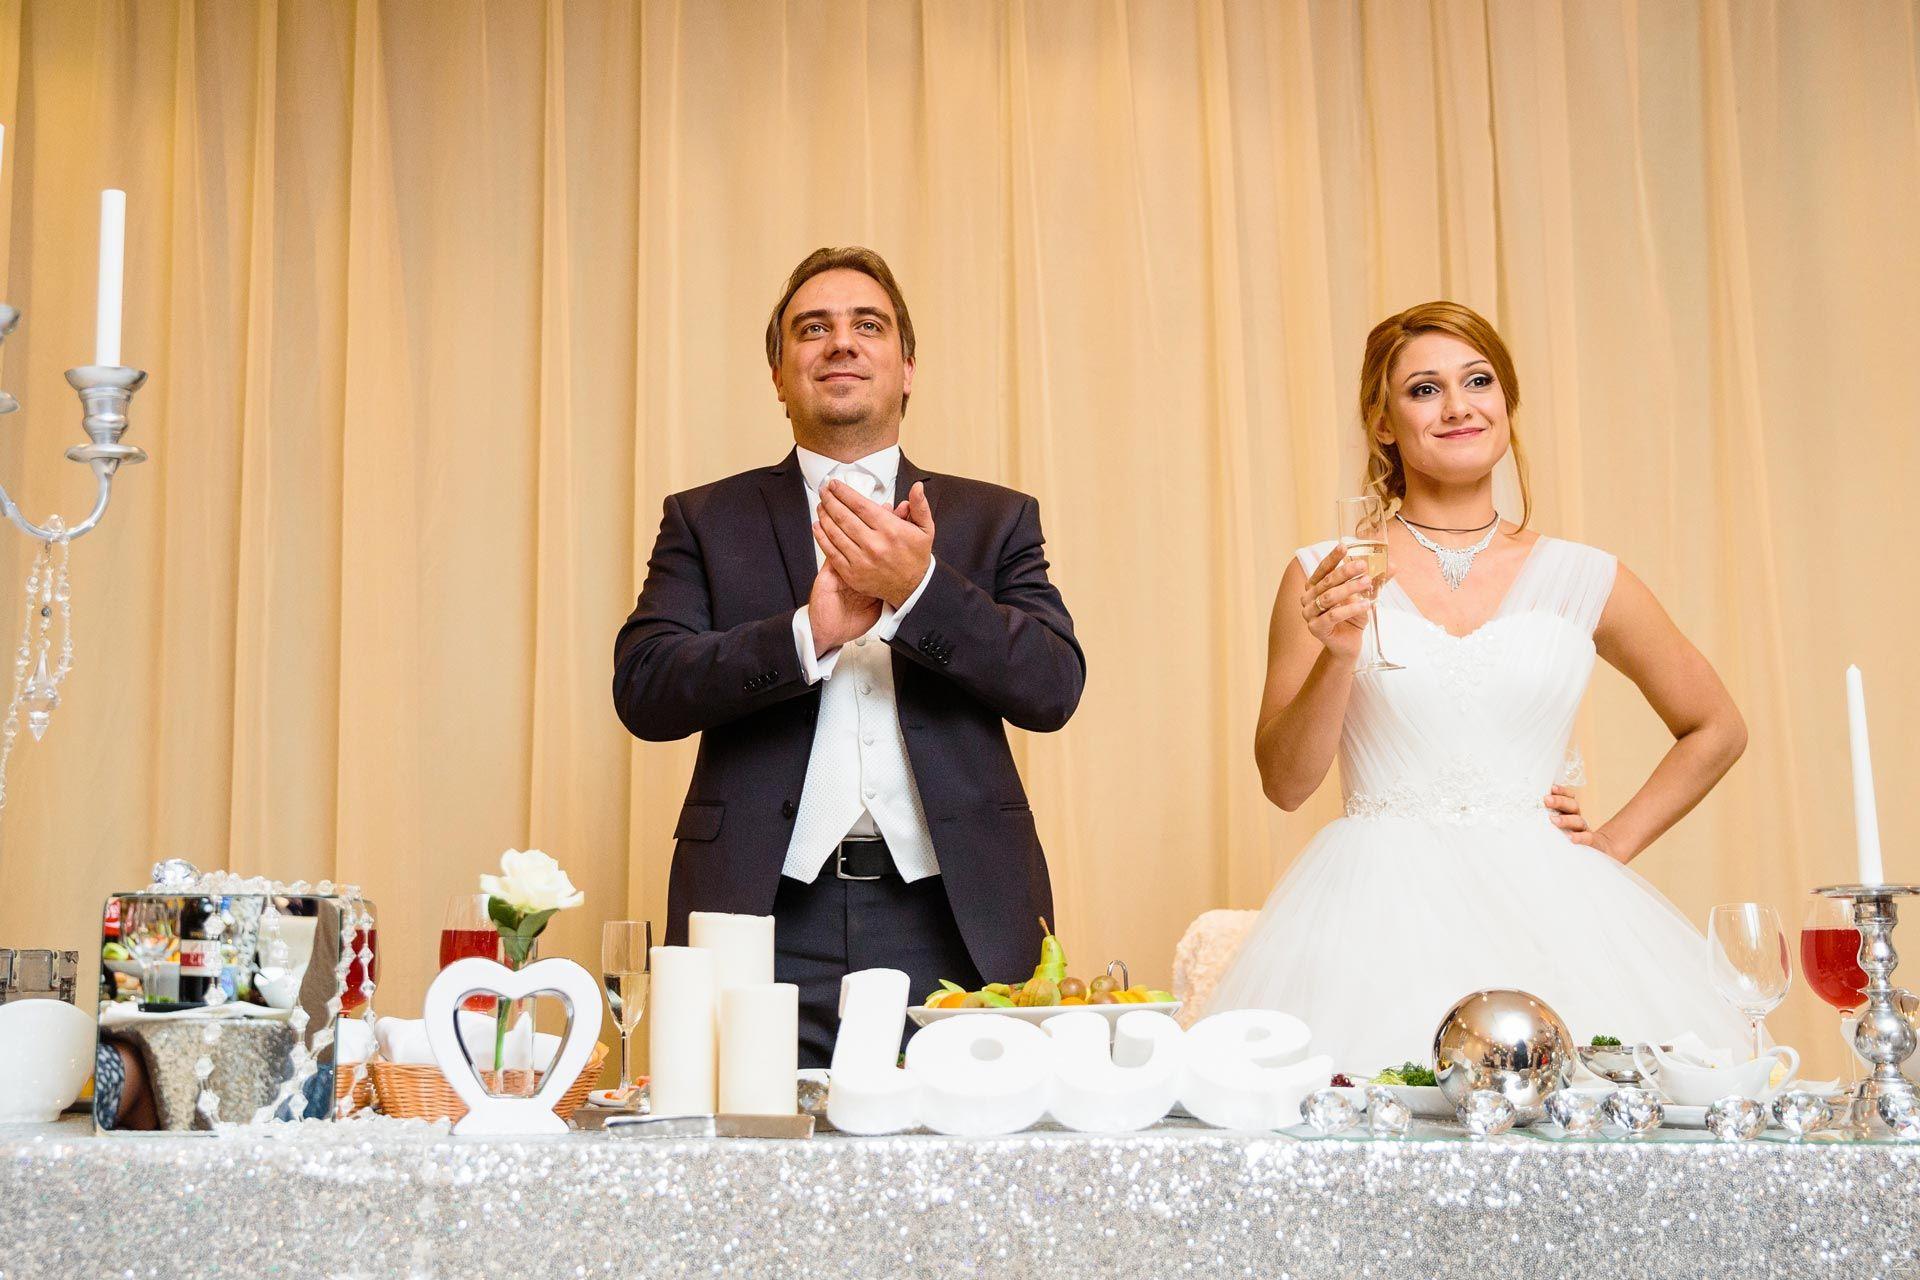 Свадьба Карины Мишулиной и Ивана Коробова, фото 7